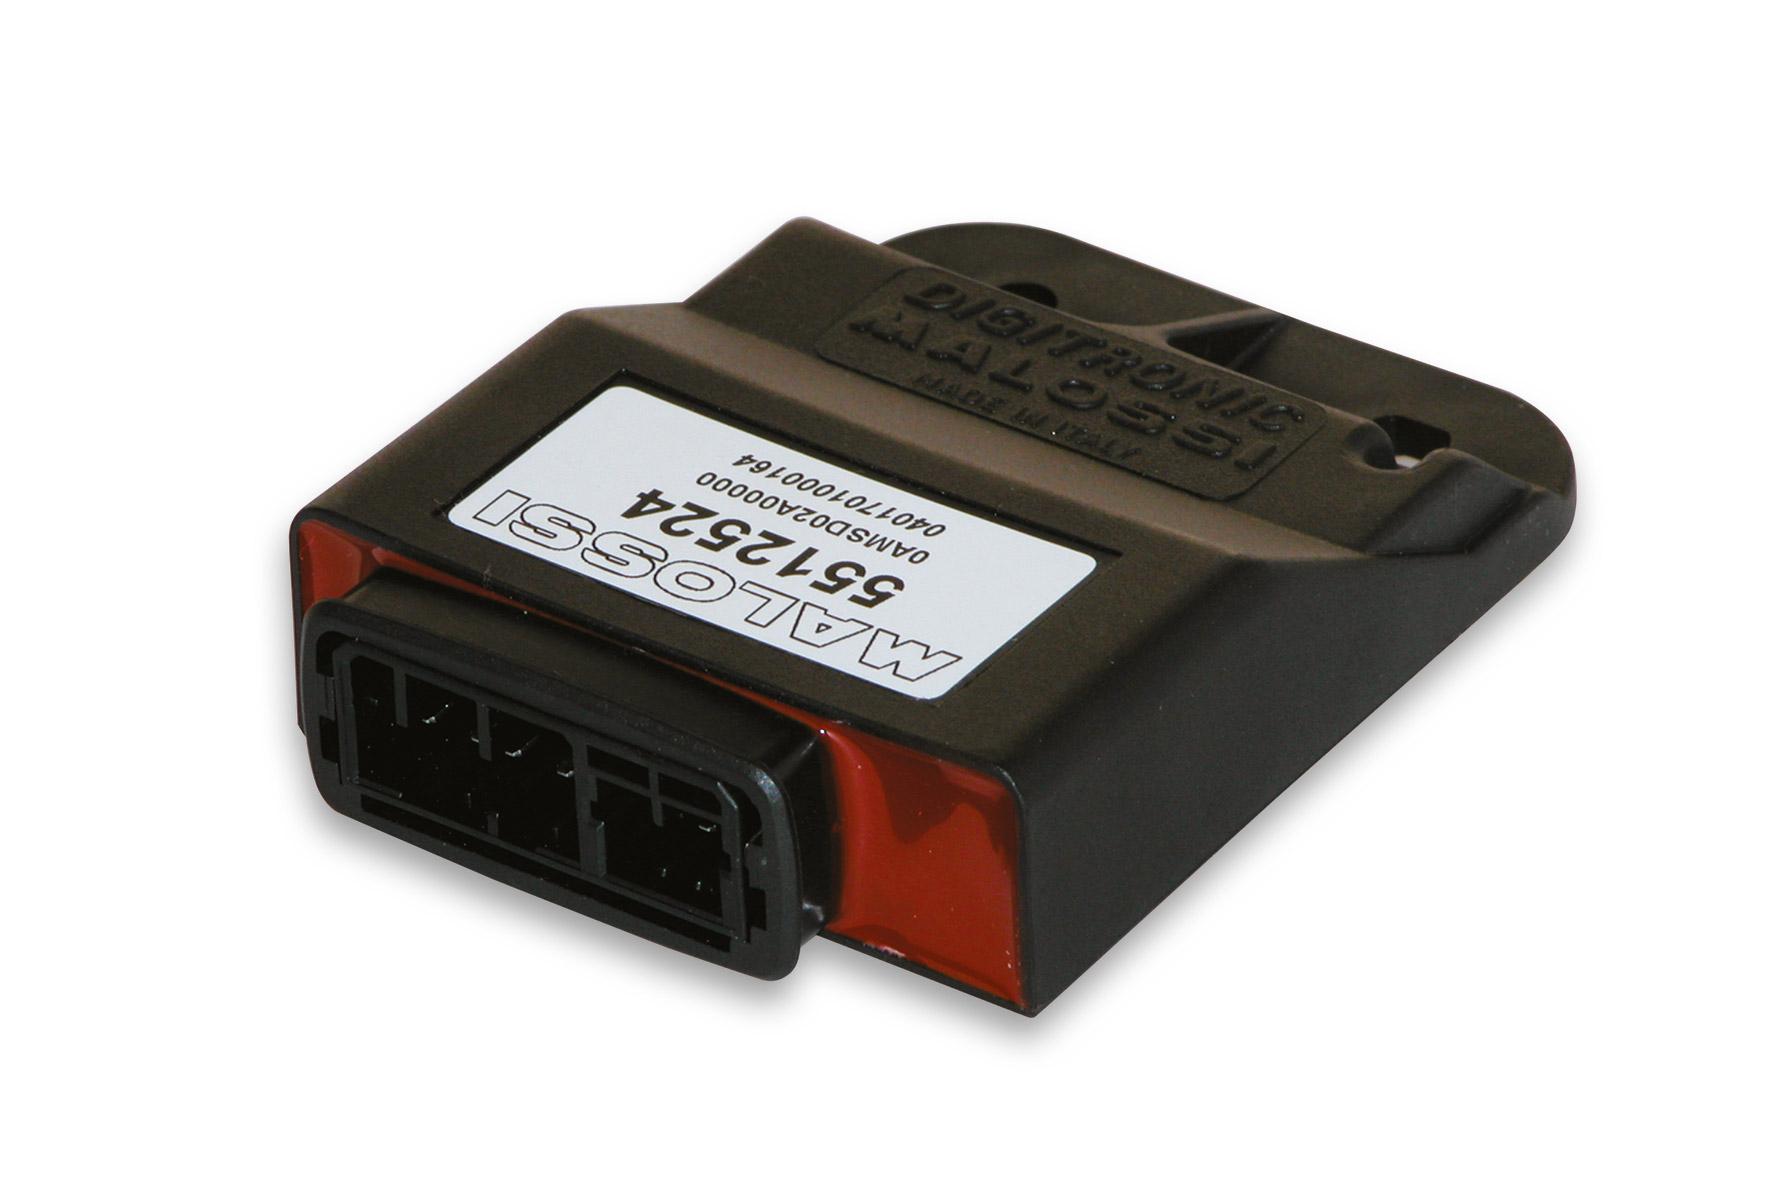 Centralina elettronica digitale DIGITRONIC per veicoli senza immobilizer